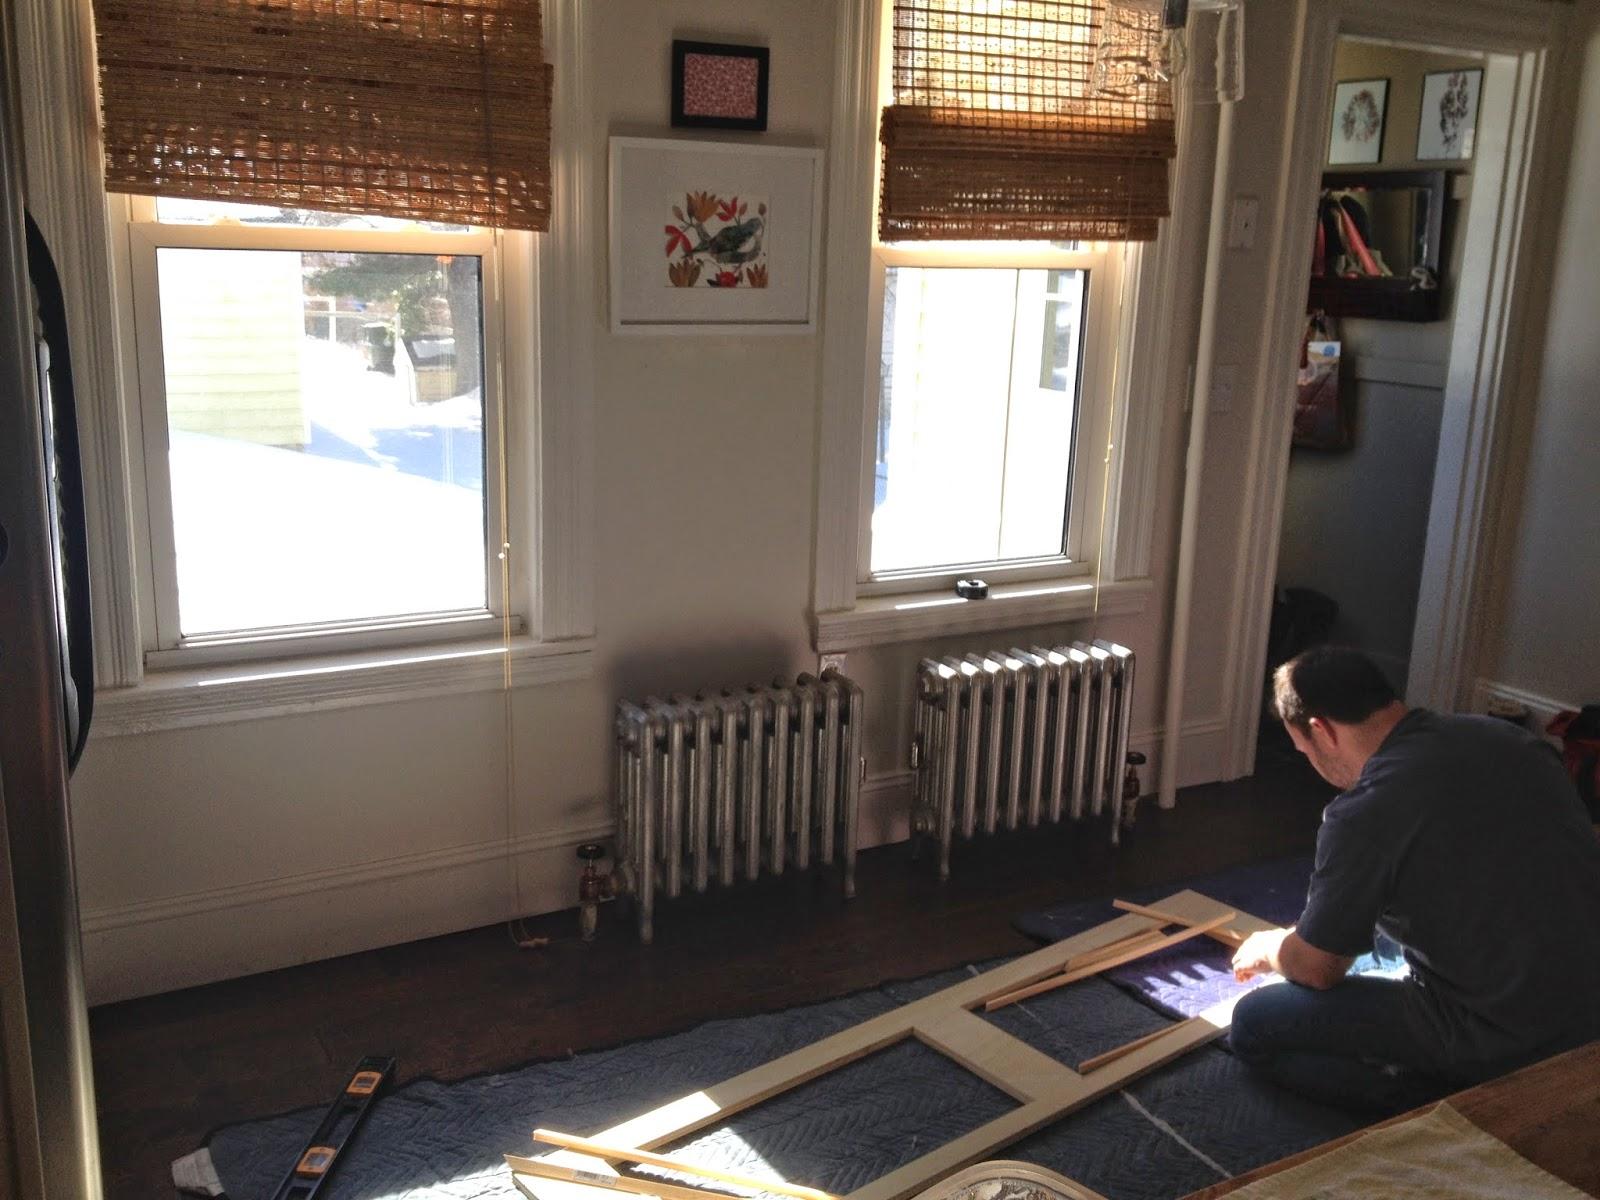 Phenomenal The Kitchen Bench Seat Loft Cottage Unemploymentrelief Wooden Chair Designs For Living Room Unemploymentrelieforg